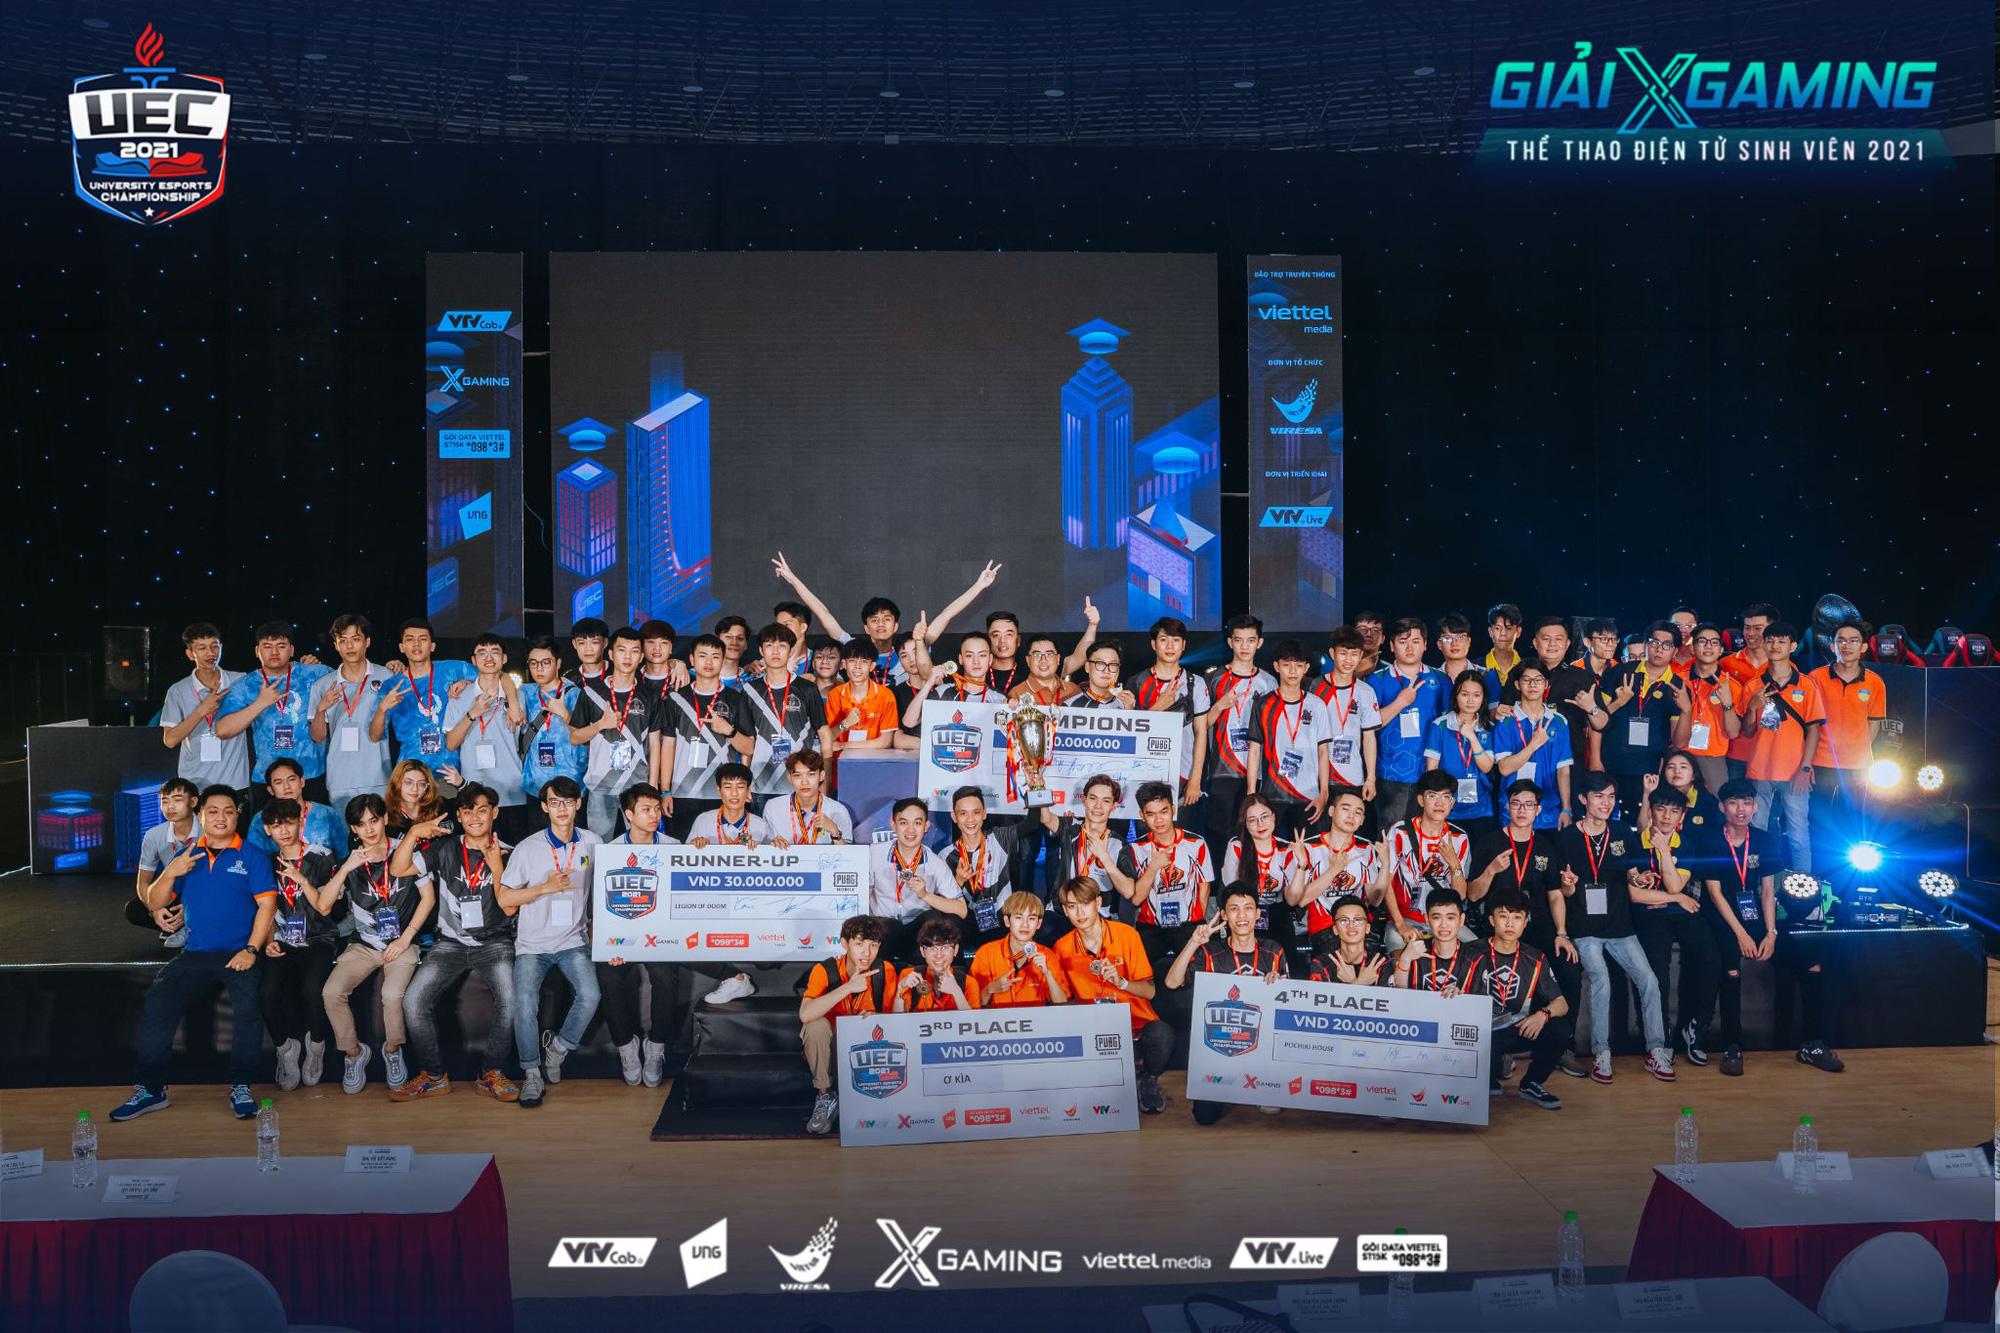 Xgaming - UEC 2021: Cuộc đại tuyển chọn cho tương lai eSports Việt Nam - Ảnh 1.